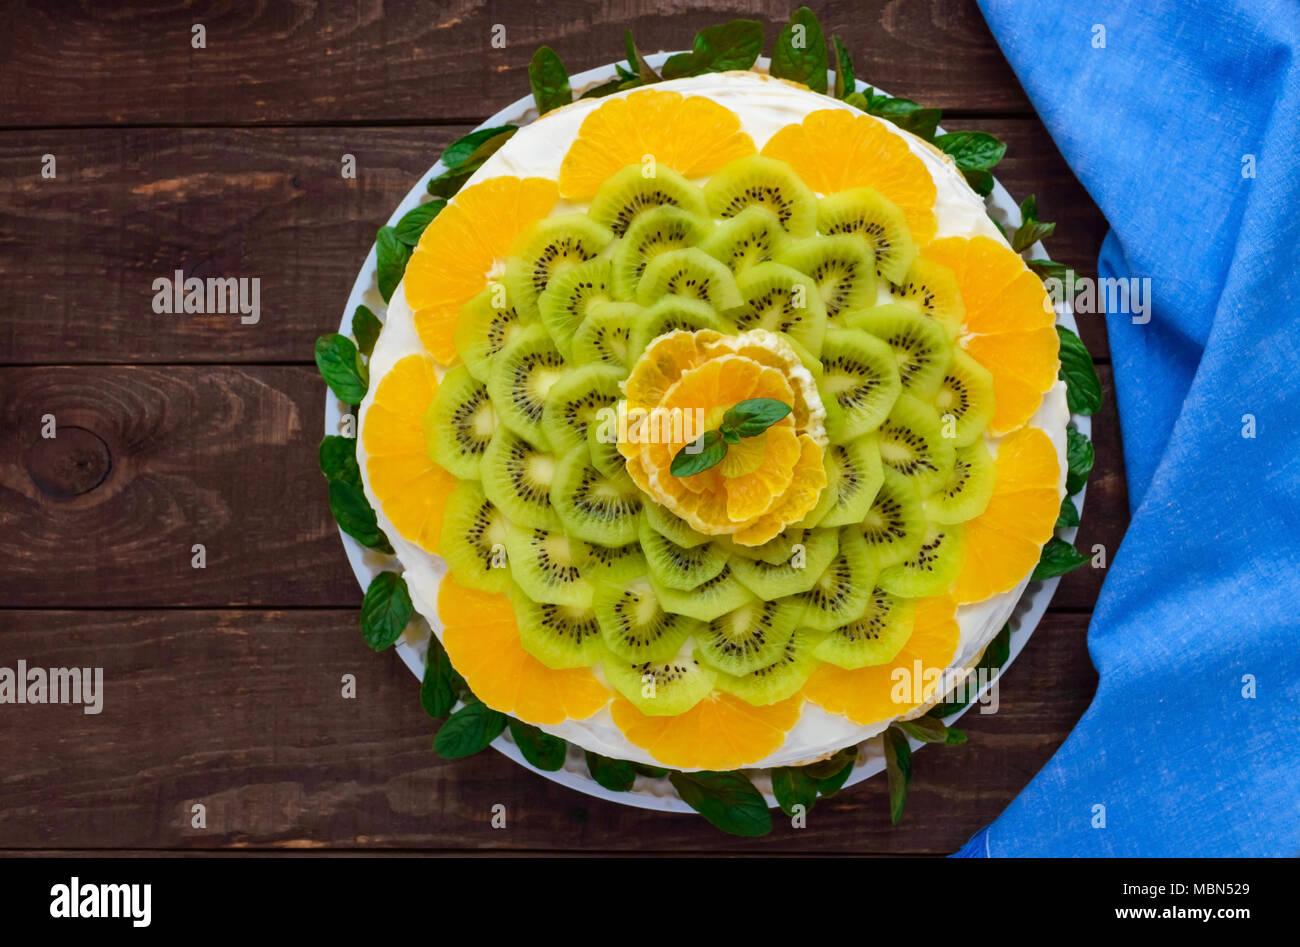 Ronde des fruits lumineux de fête gâteau décoré avec kiwi, orange, menthe. La vue supérieure. Photo Stock